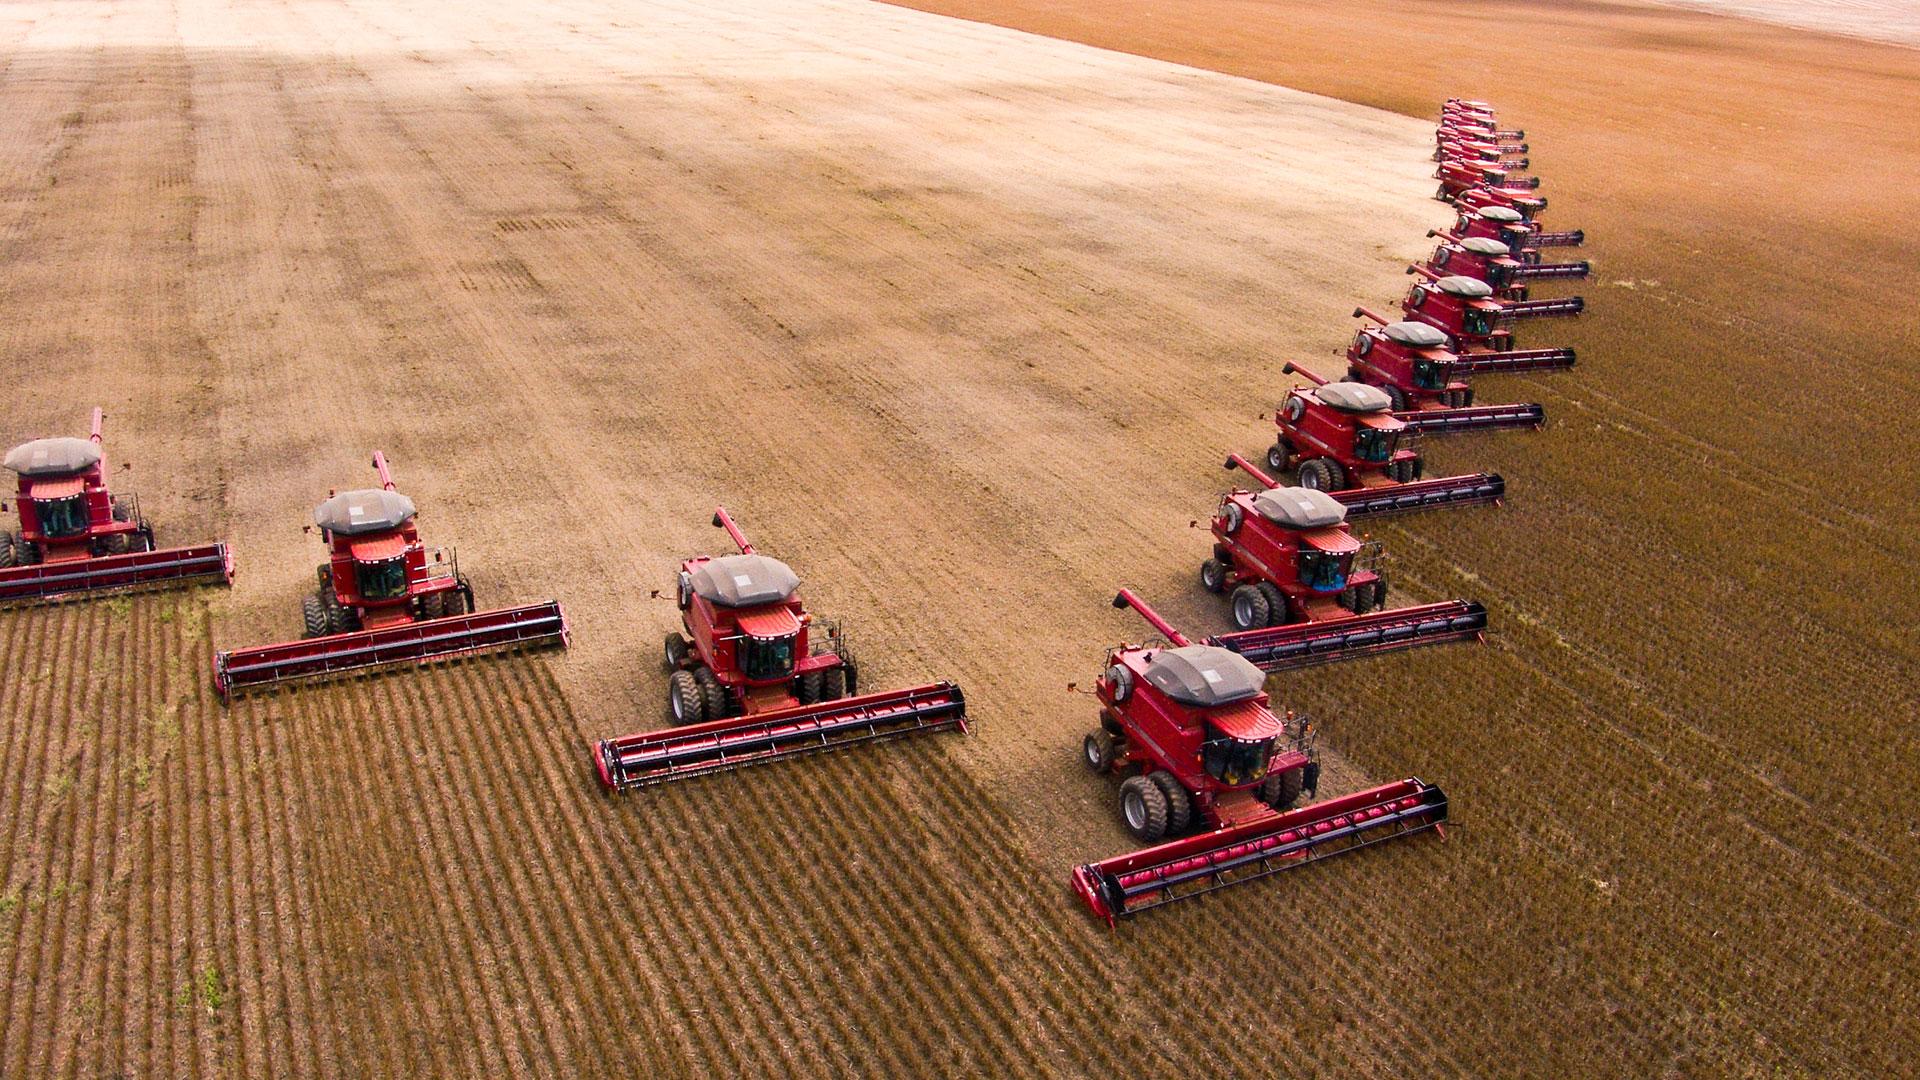 Cerrado: Schwere Traktoren beim Anbau von Soja